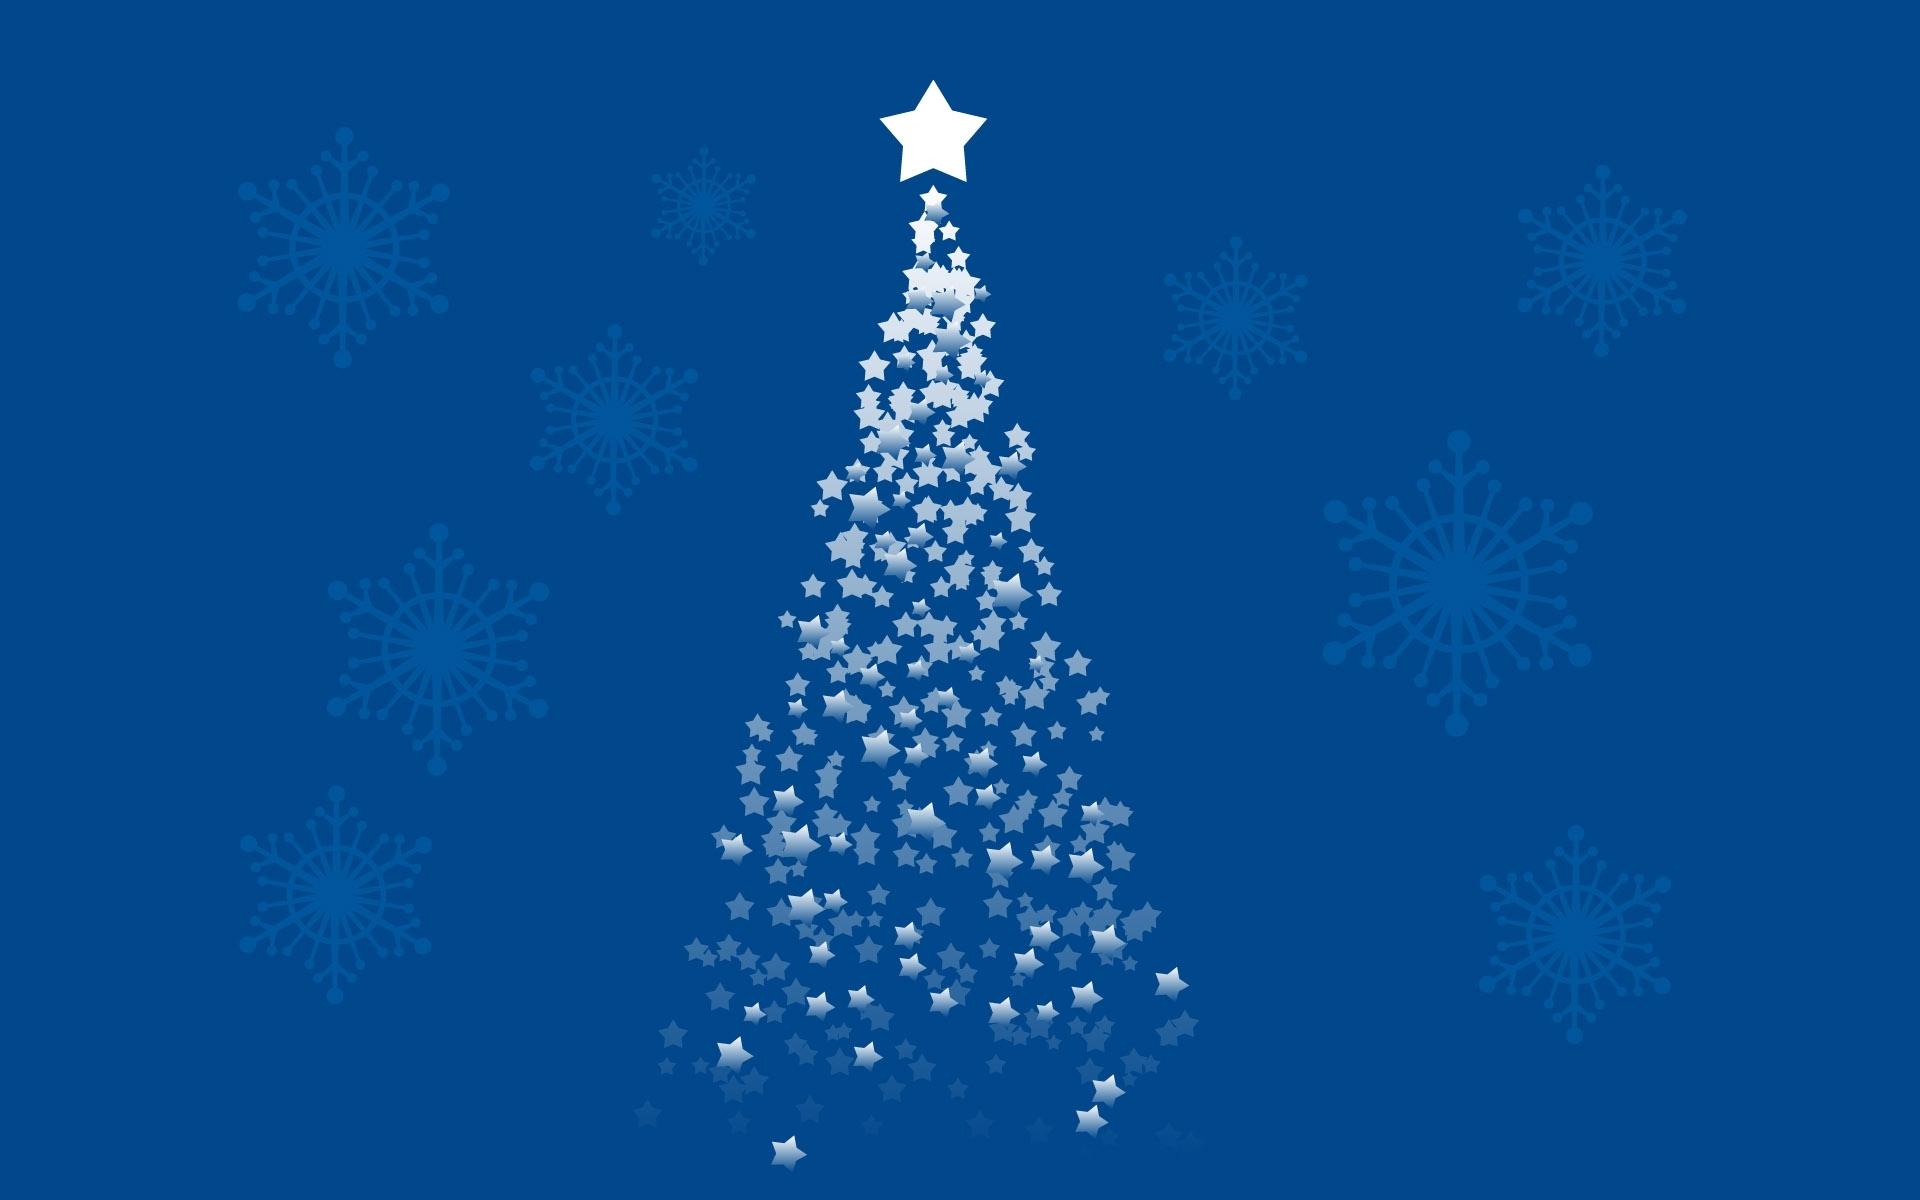 2210 скачать обои Праздники, Звезды, Новый Год (New Year), Елки, Рождество (Christmas, Xmas), Рисунки - заставки и картинки бесплатно